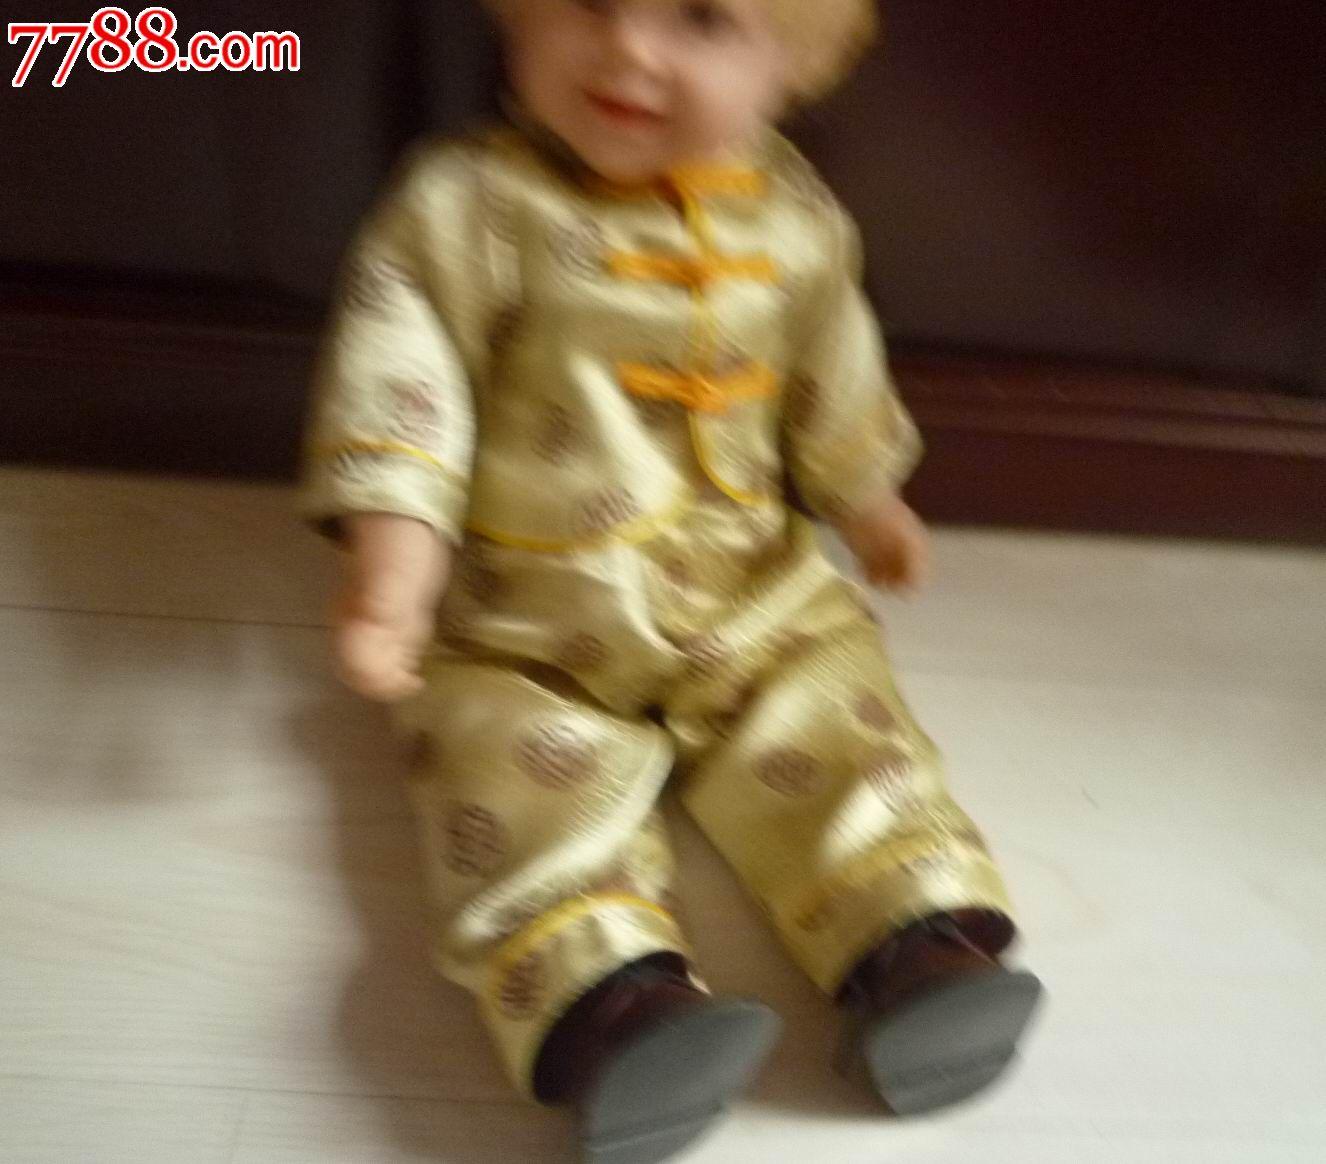 唐装胶皮男孩子娃娃玩具